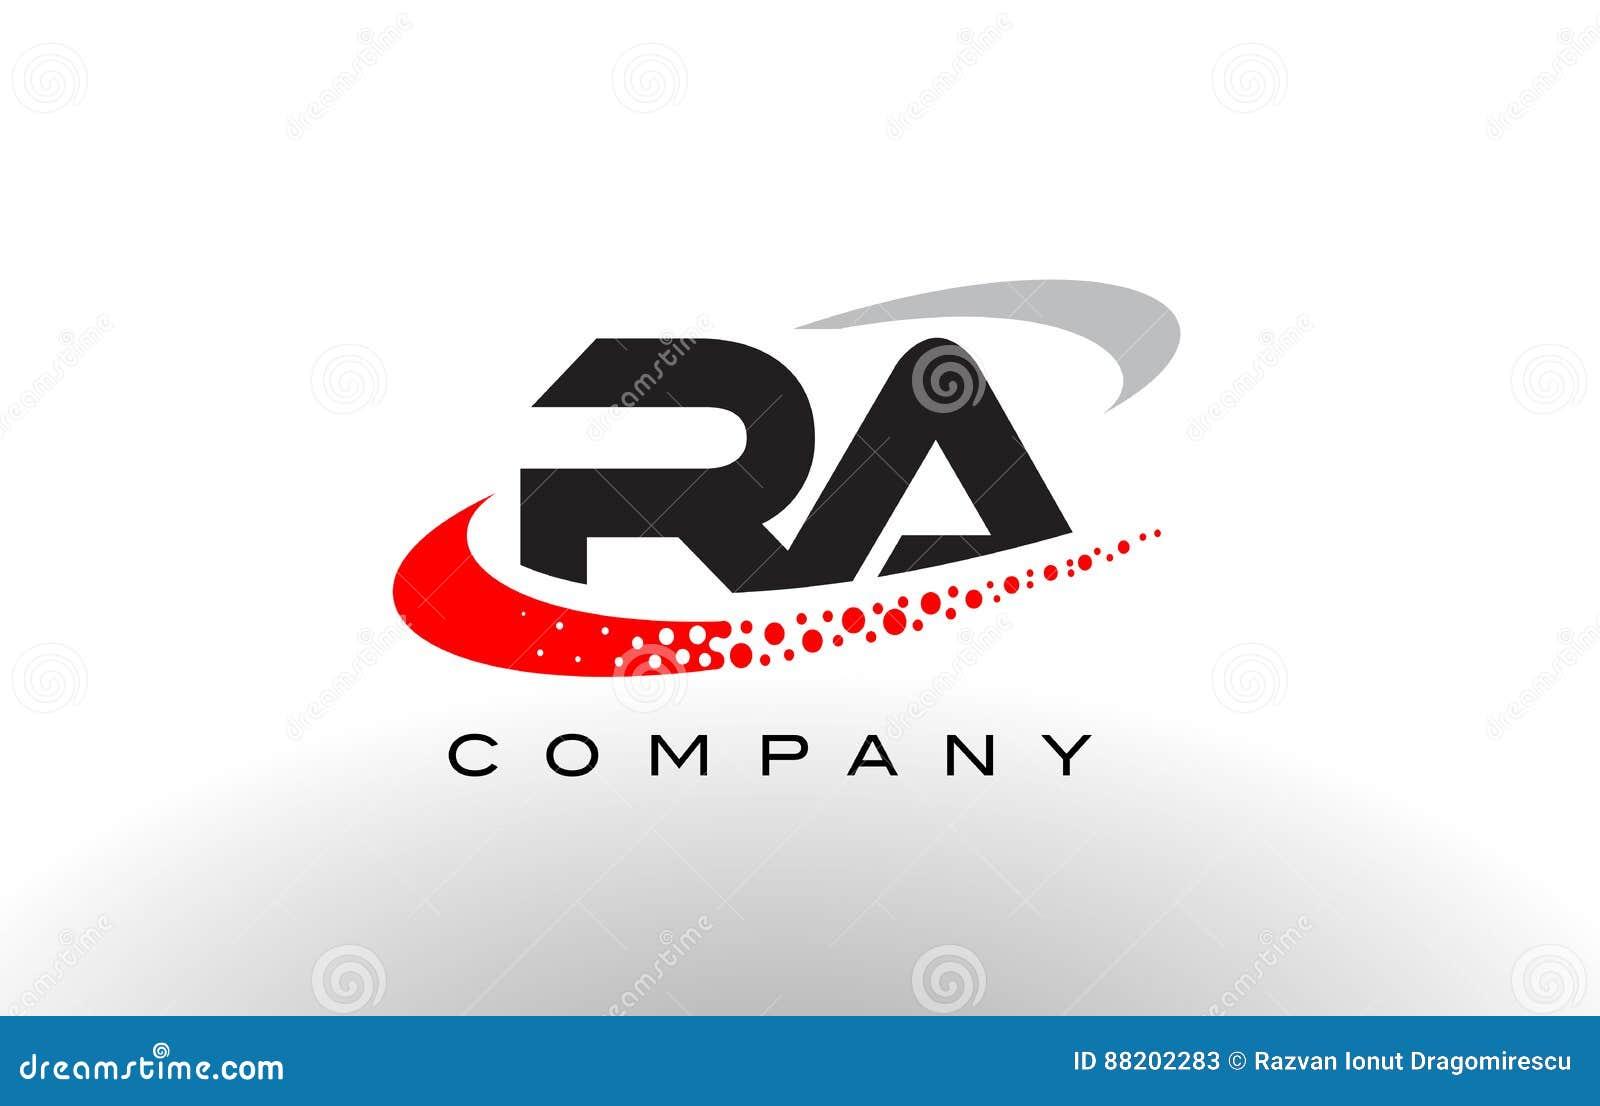 与红色被加点的Swoosh的镭现代信件商标设计